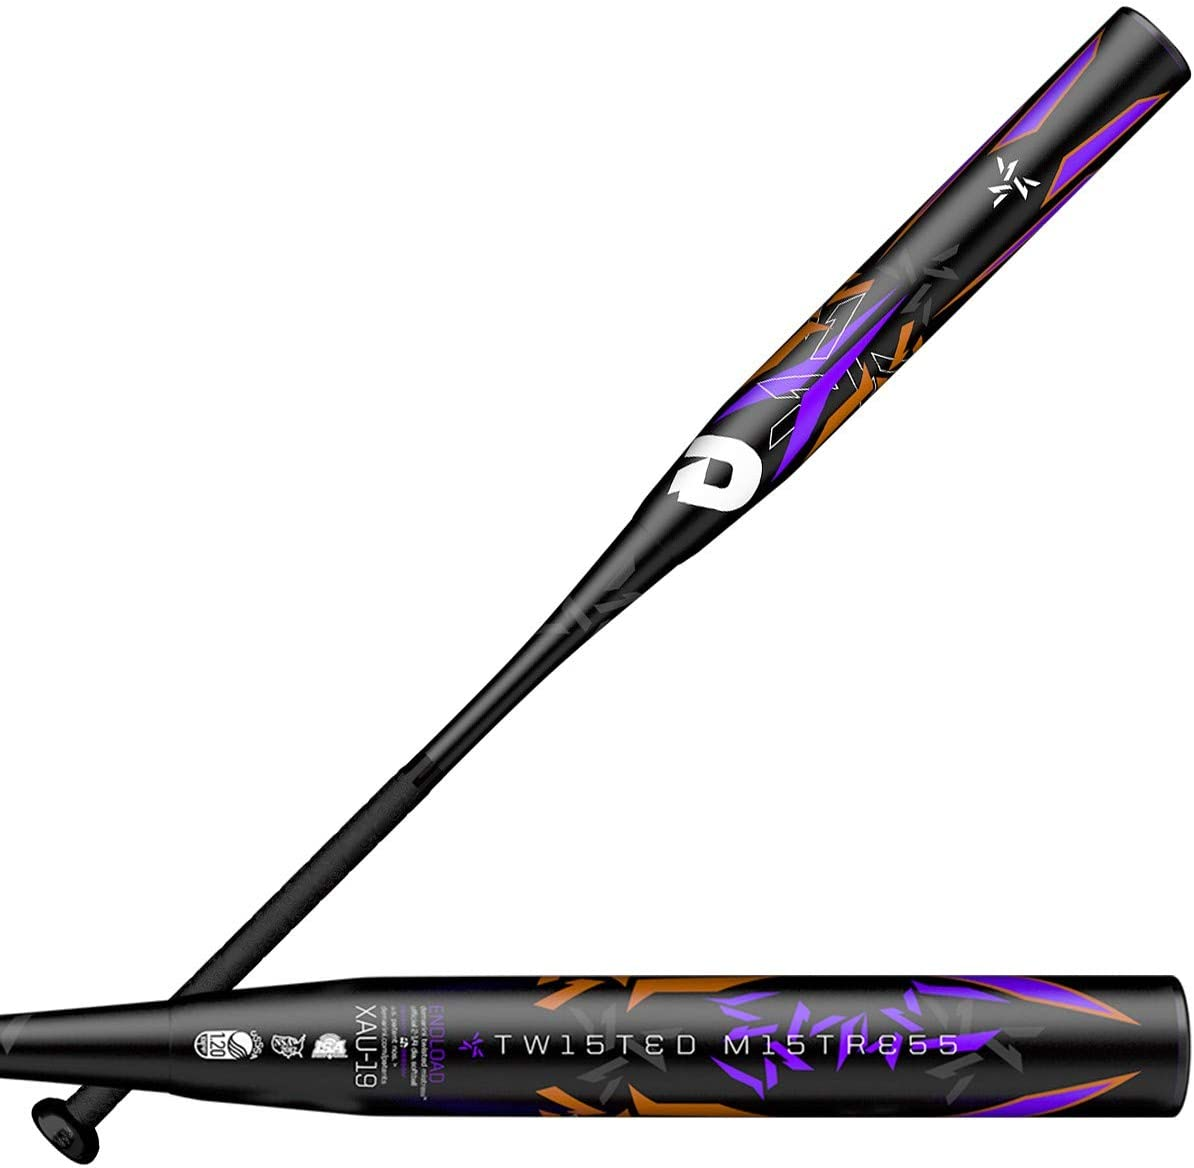 WTDXXAU-19 2019 DeMarini Twisted Mistress USSSA Slowpitch Softball Bat